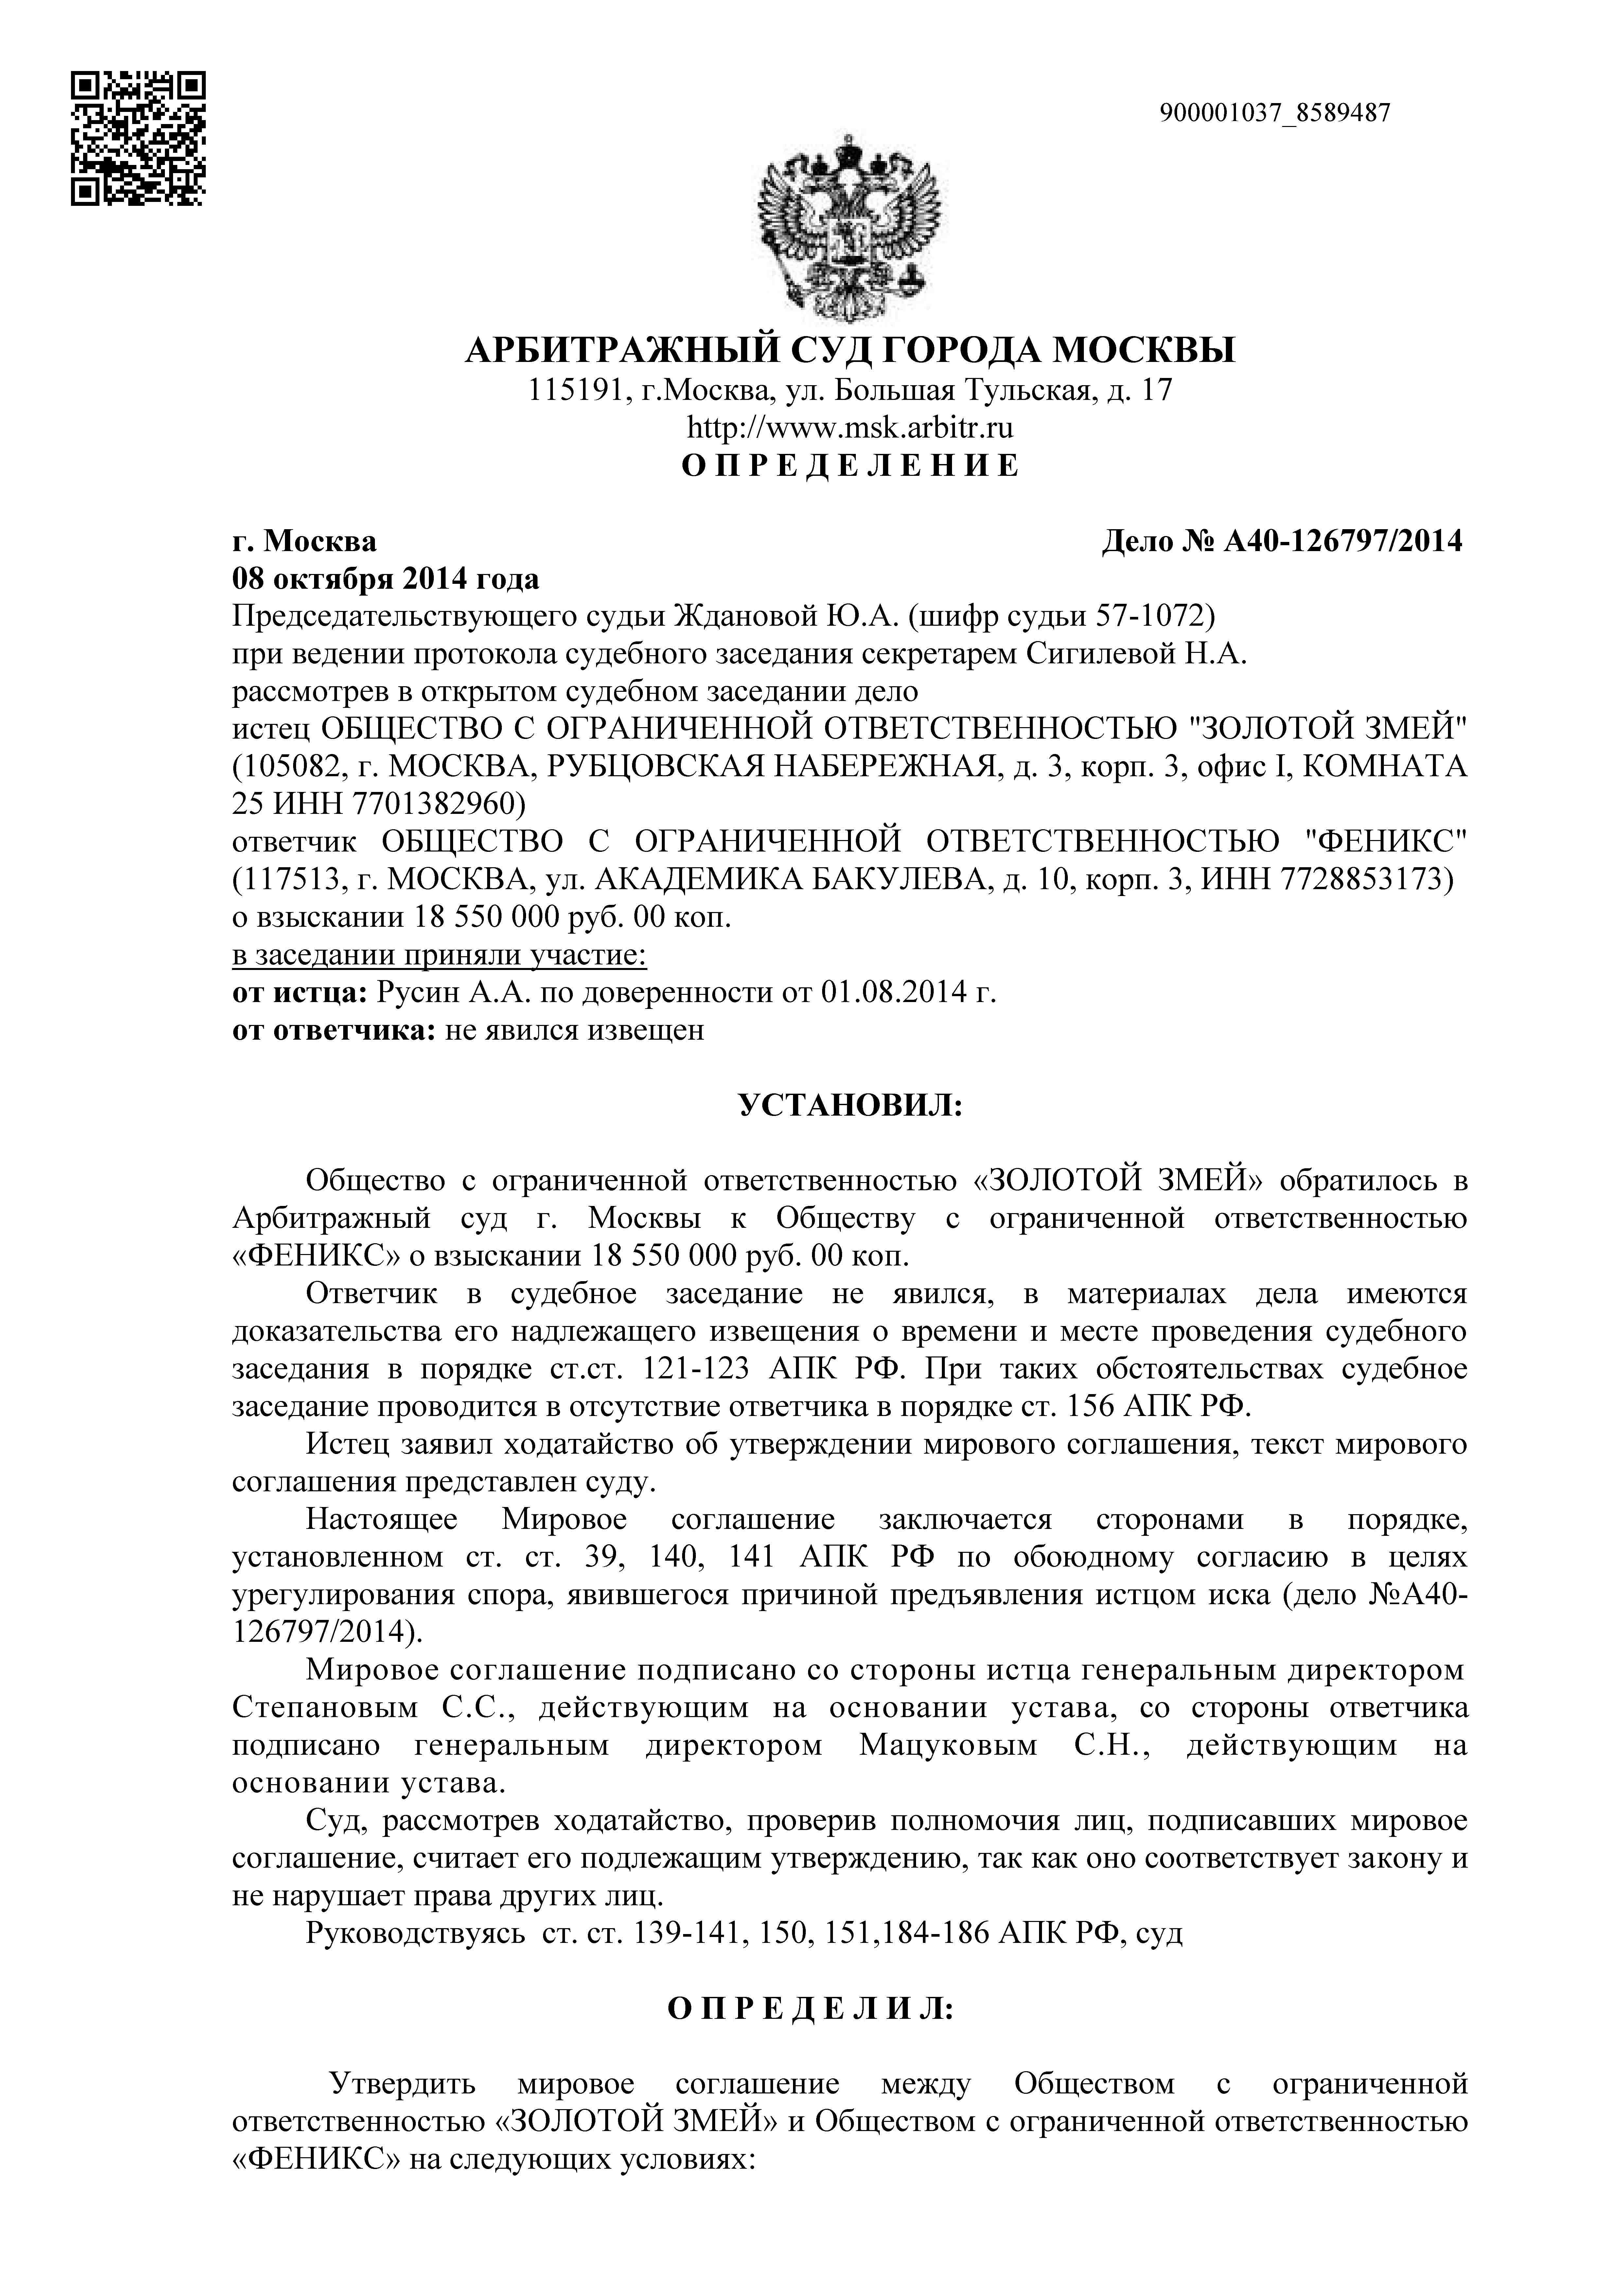 Образец доп соглашения к договору аренды об изменении